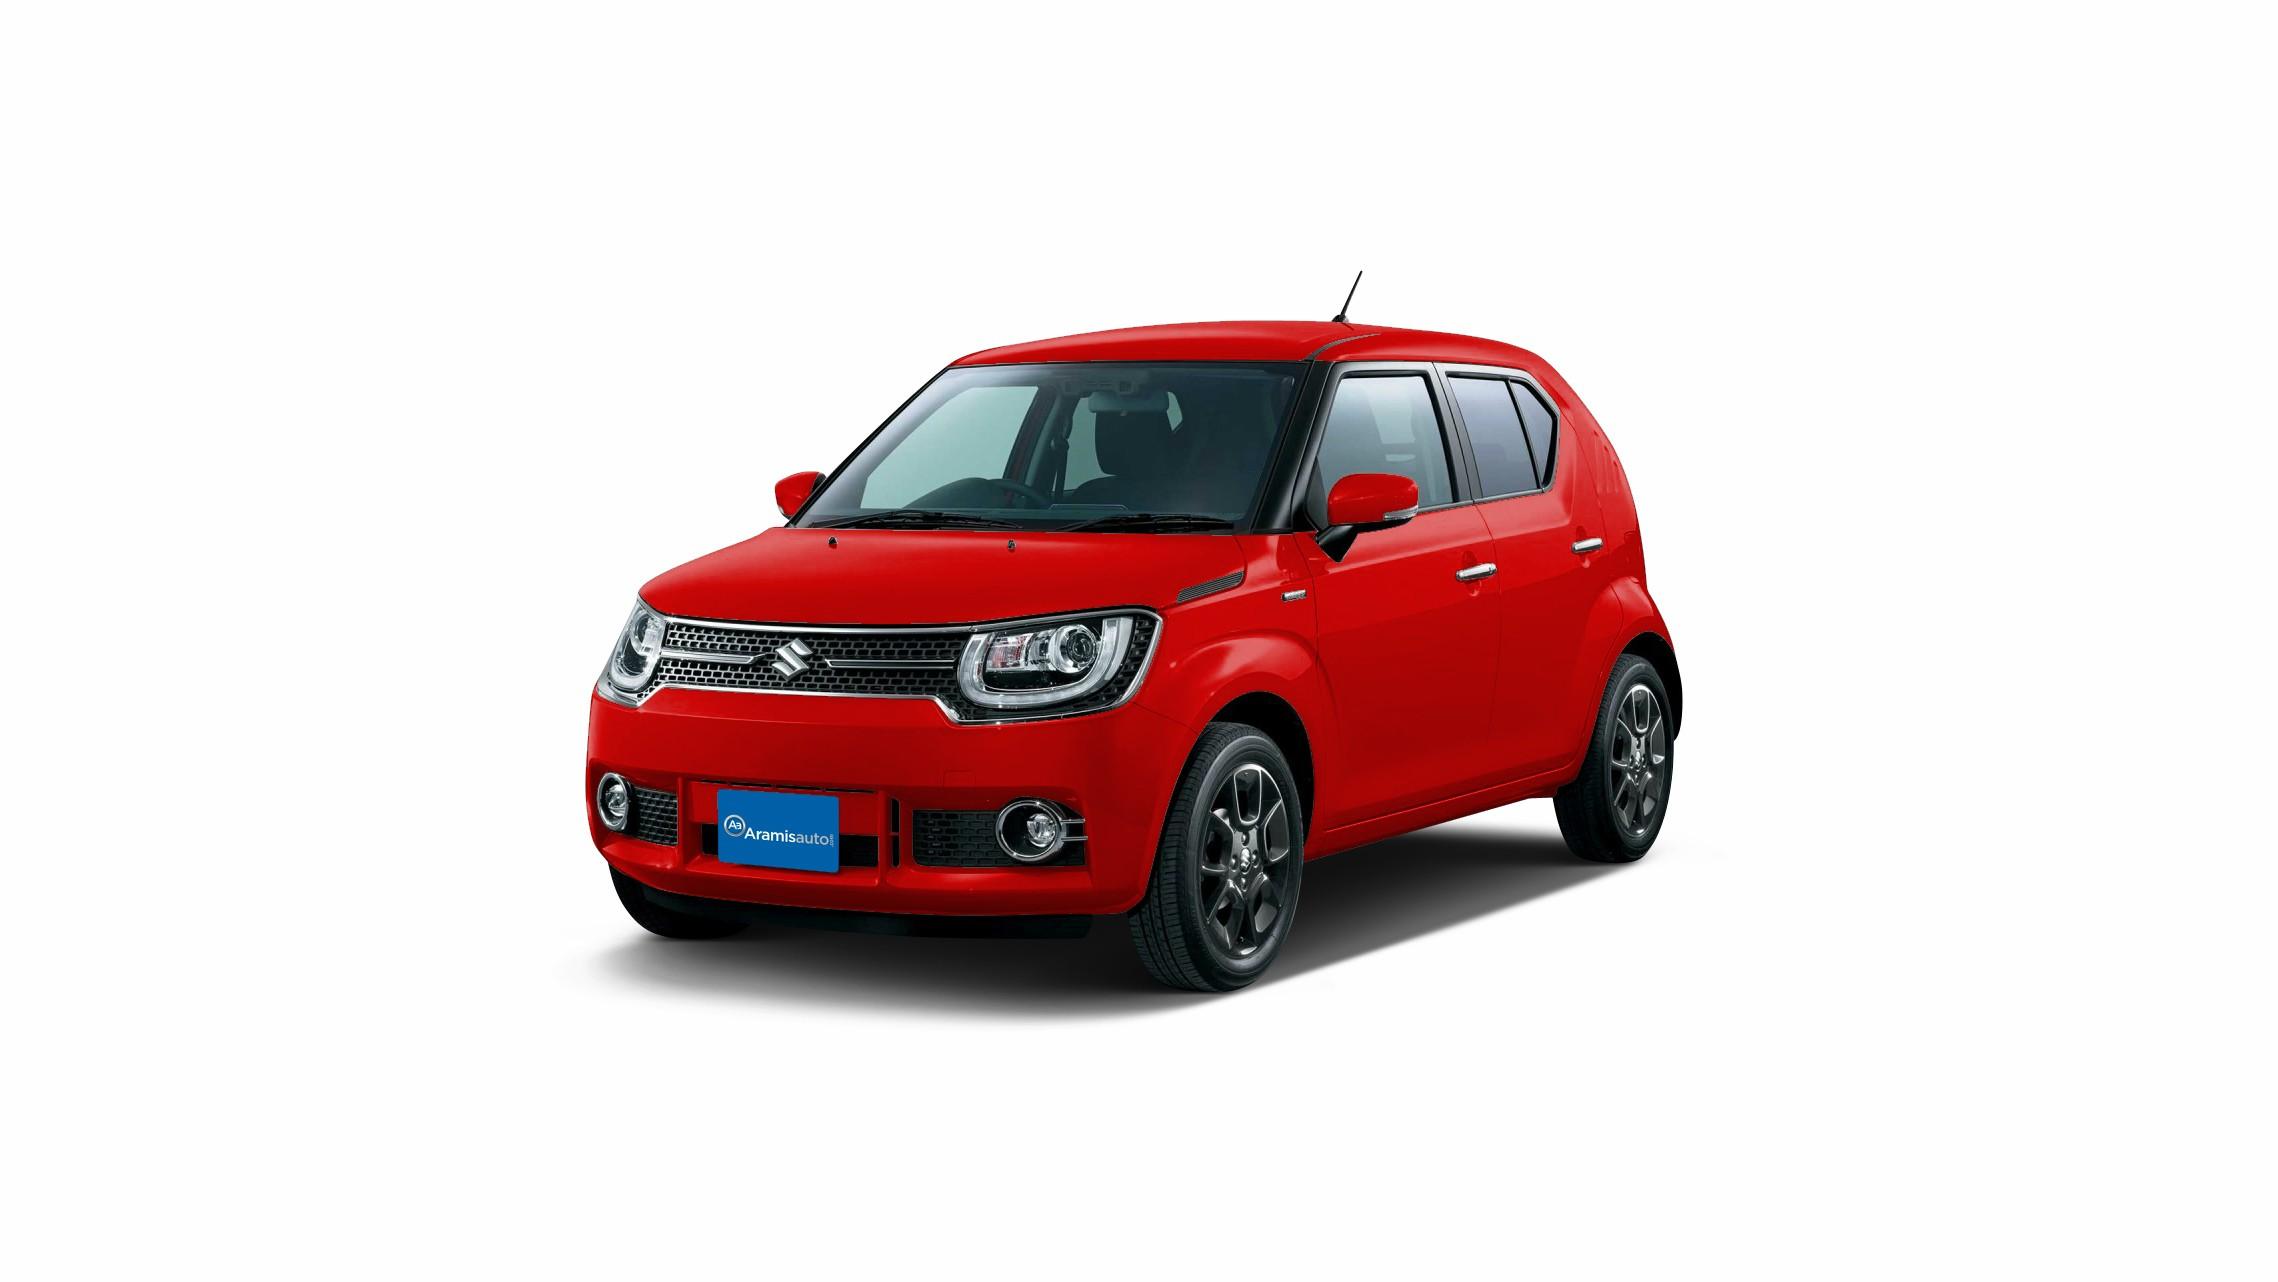 Acheter Suzuki Ignis Cliquez pour en savoir plus Cliquez pour en savoir plus chez un mandataire auto